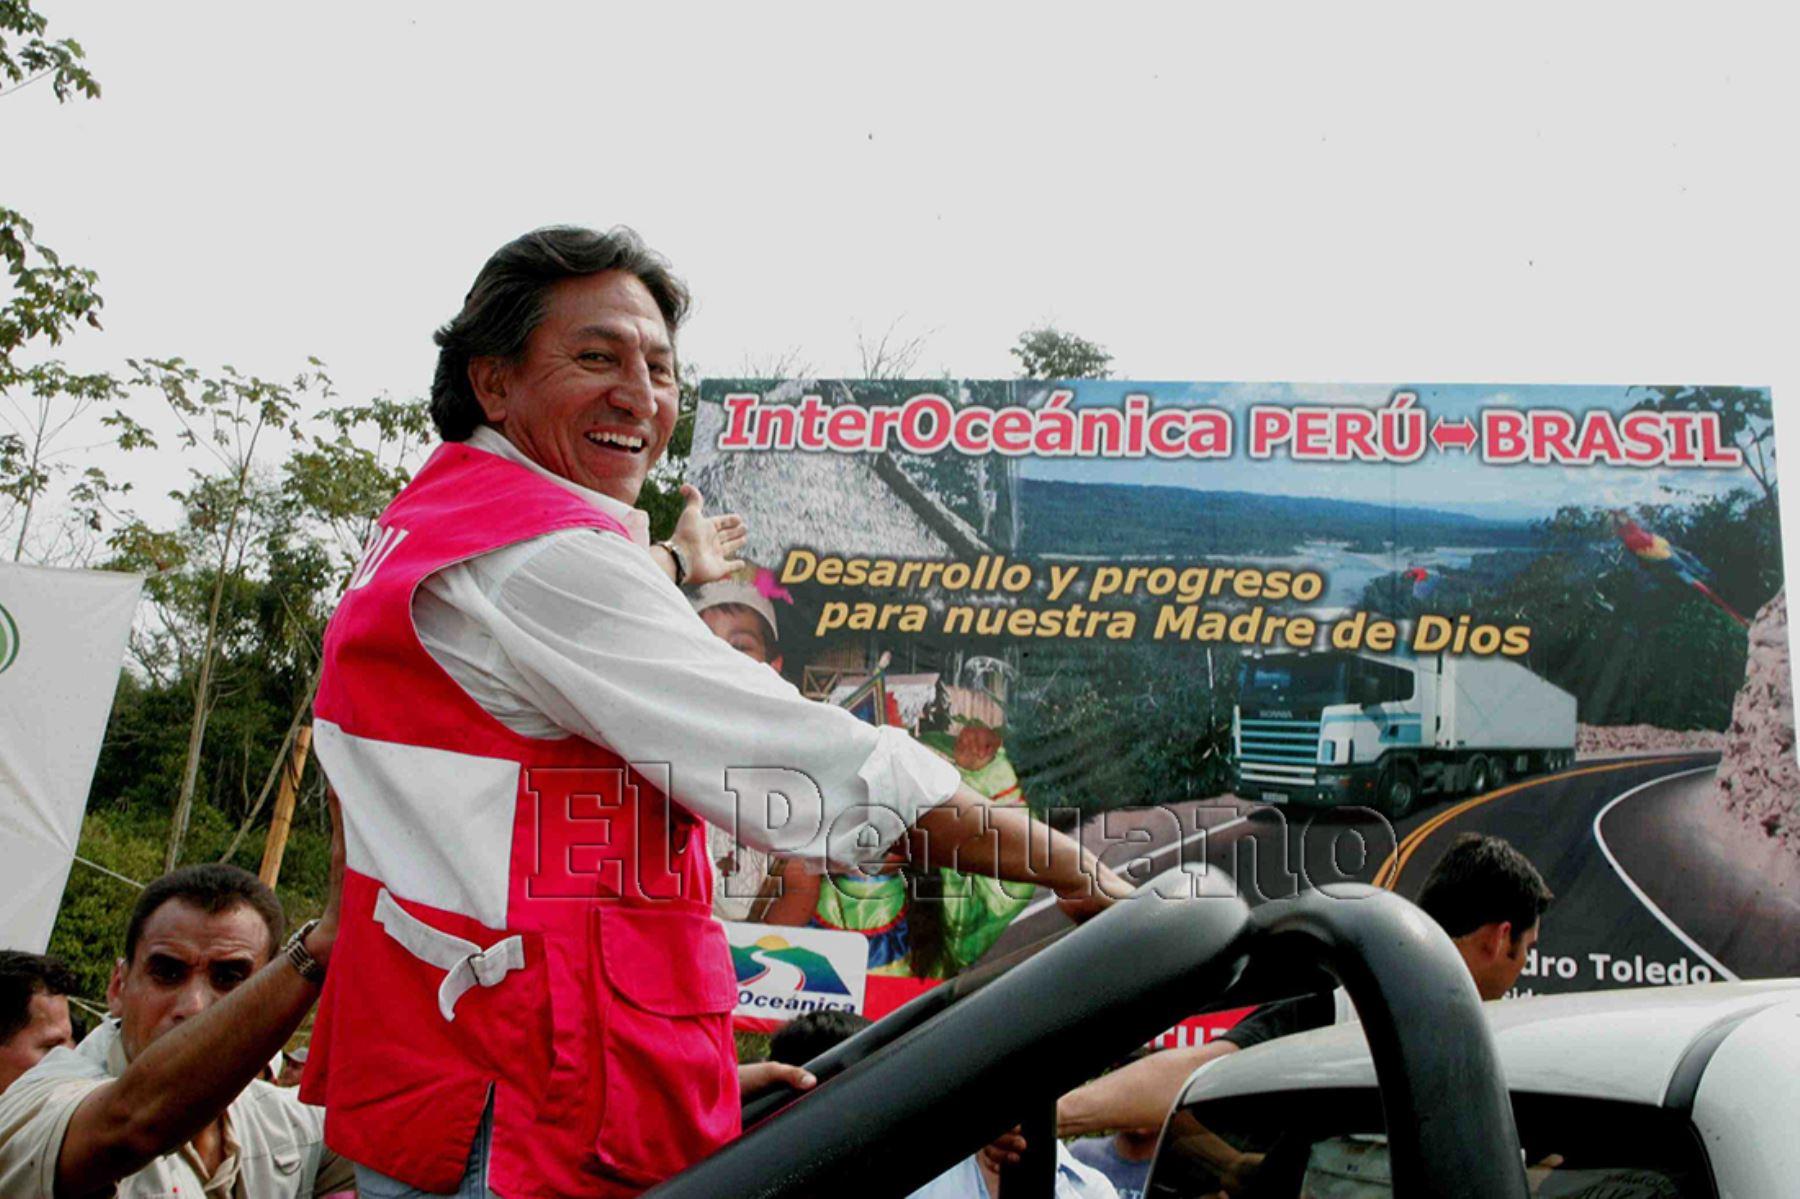 Madre de Dios - 8 setiembre 2005 / El presidente Alejandro Toledo inicia formalmente la construcción de la carretera Interoceánica en Madre de Dios.  Foto: Presidencia Perú